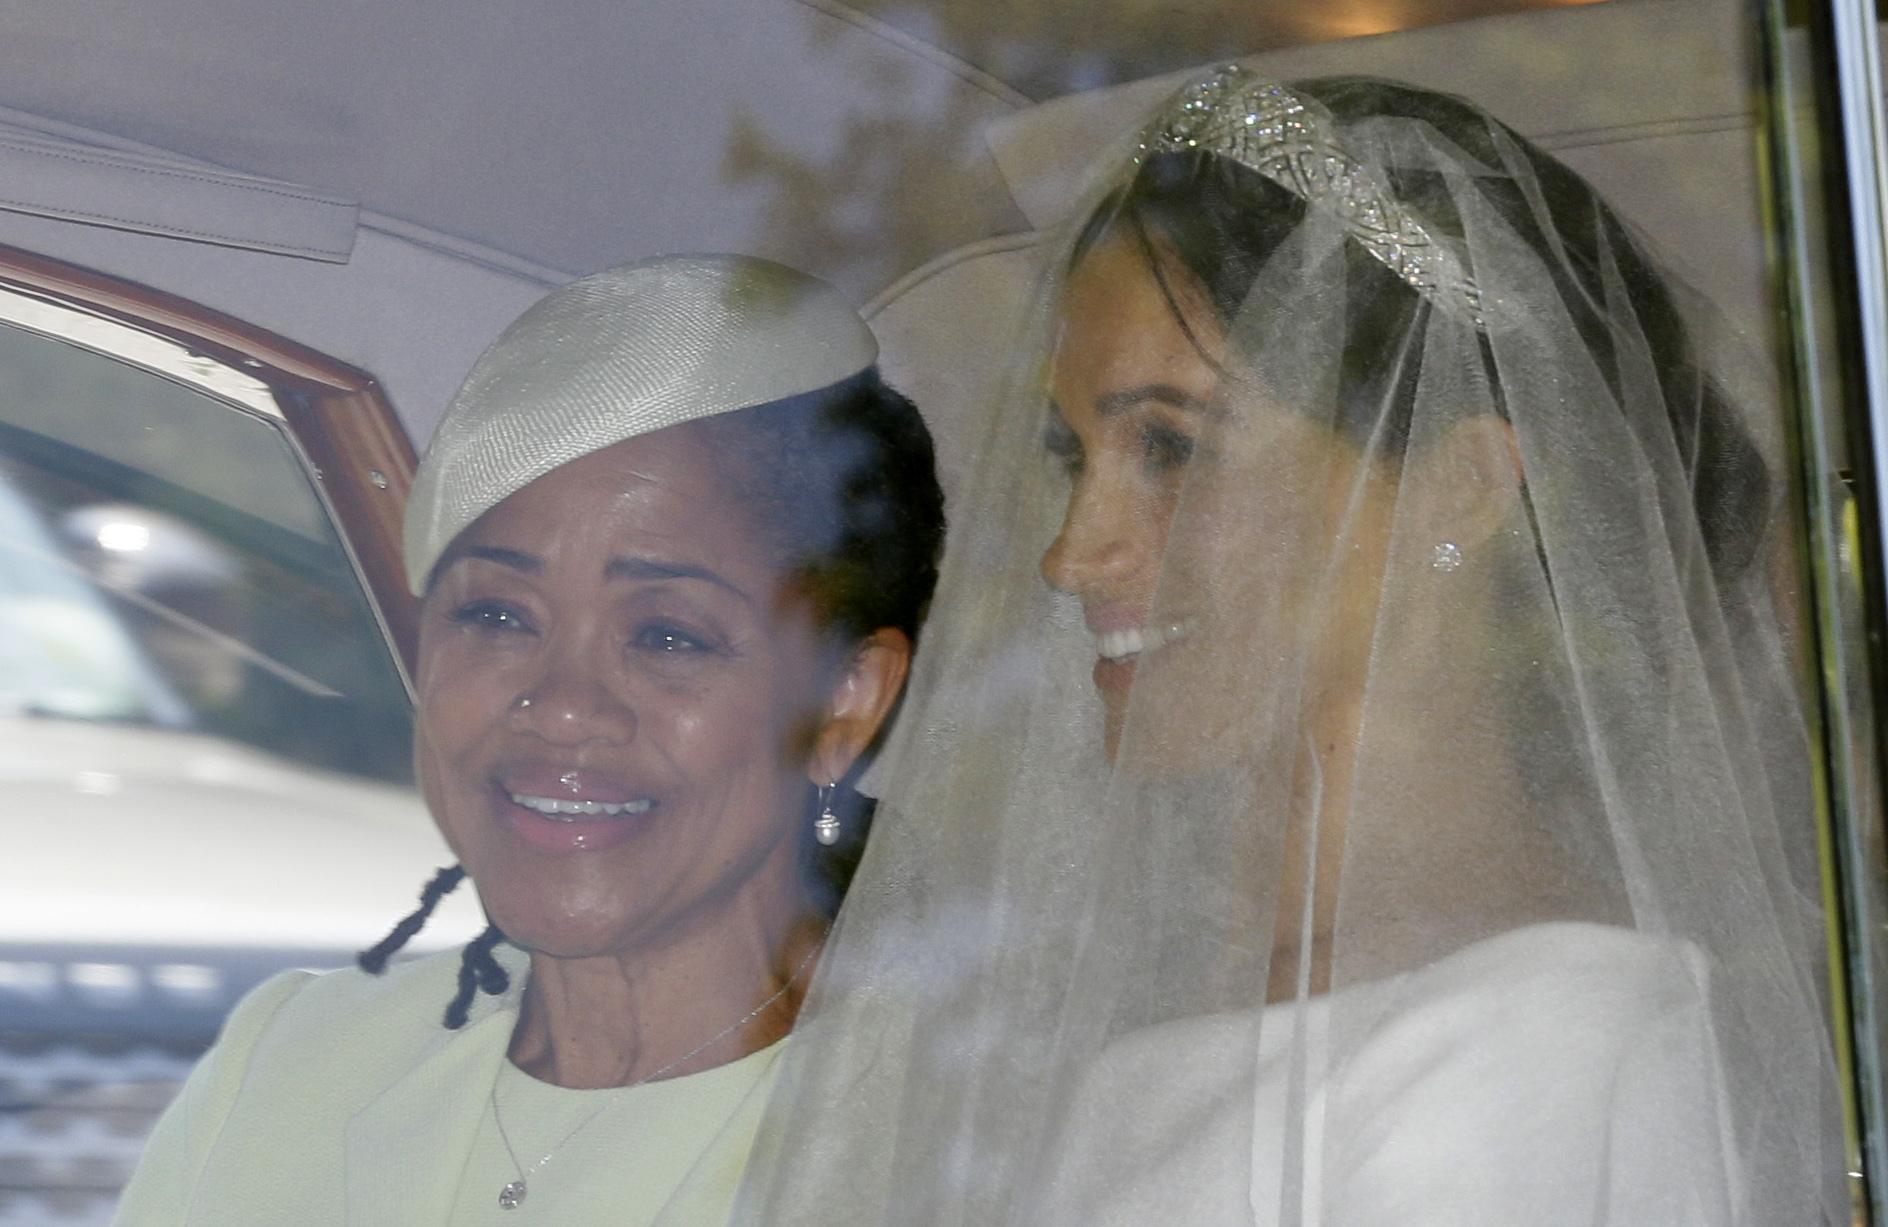 Meghan Markle y su madre, Doria Raglan, se mostraron siempre sonrientes durante el trayecto hasta la ceremonia. (Foto: AP)